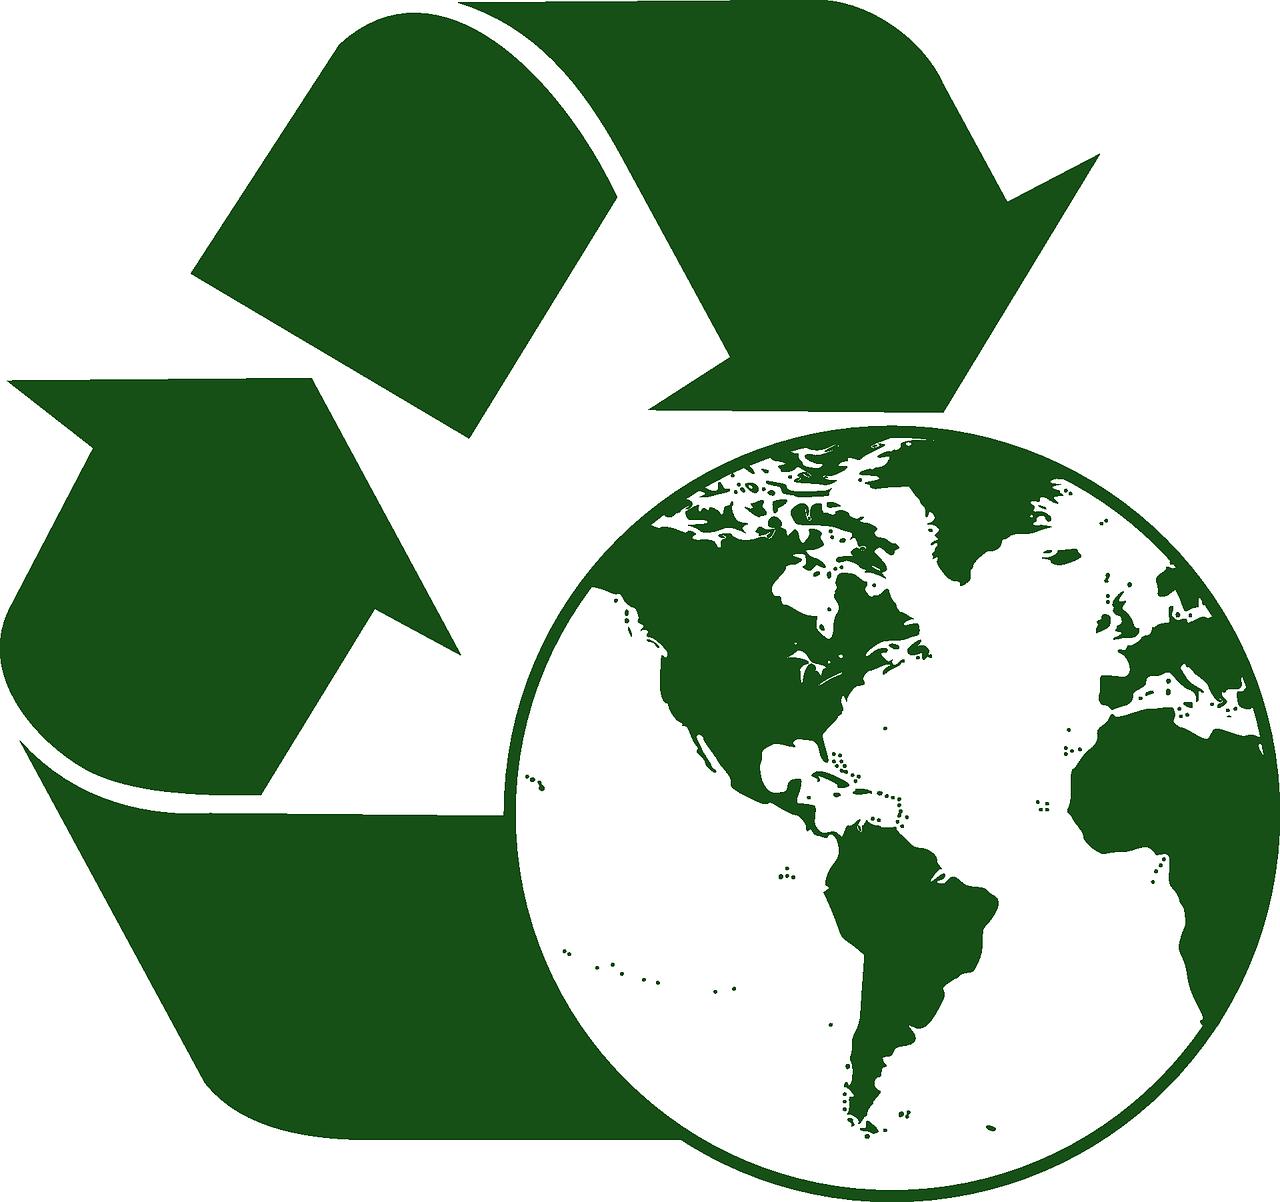 Fachgerechte Entsorgung und Recycling von Altbatterien